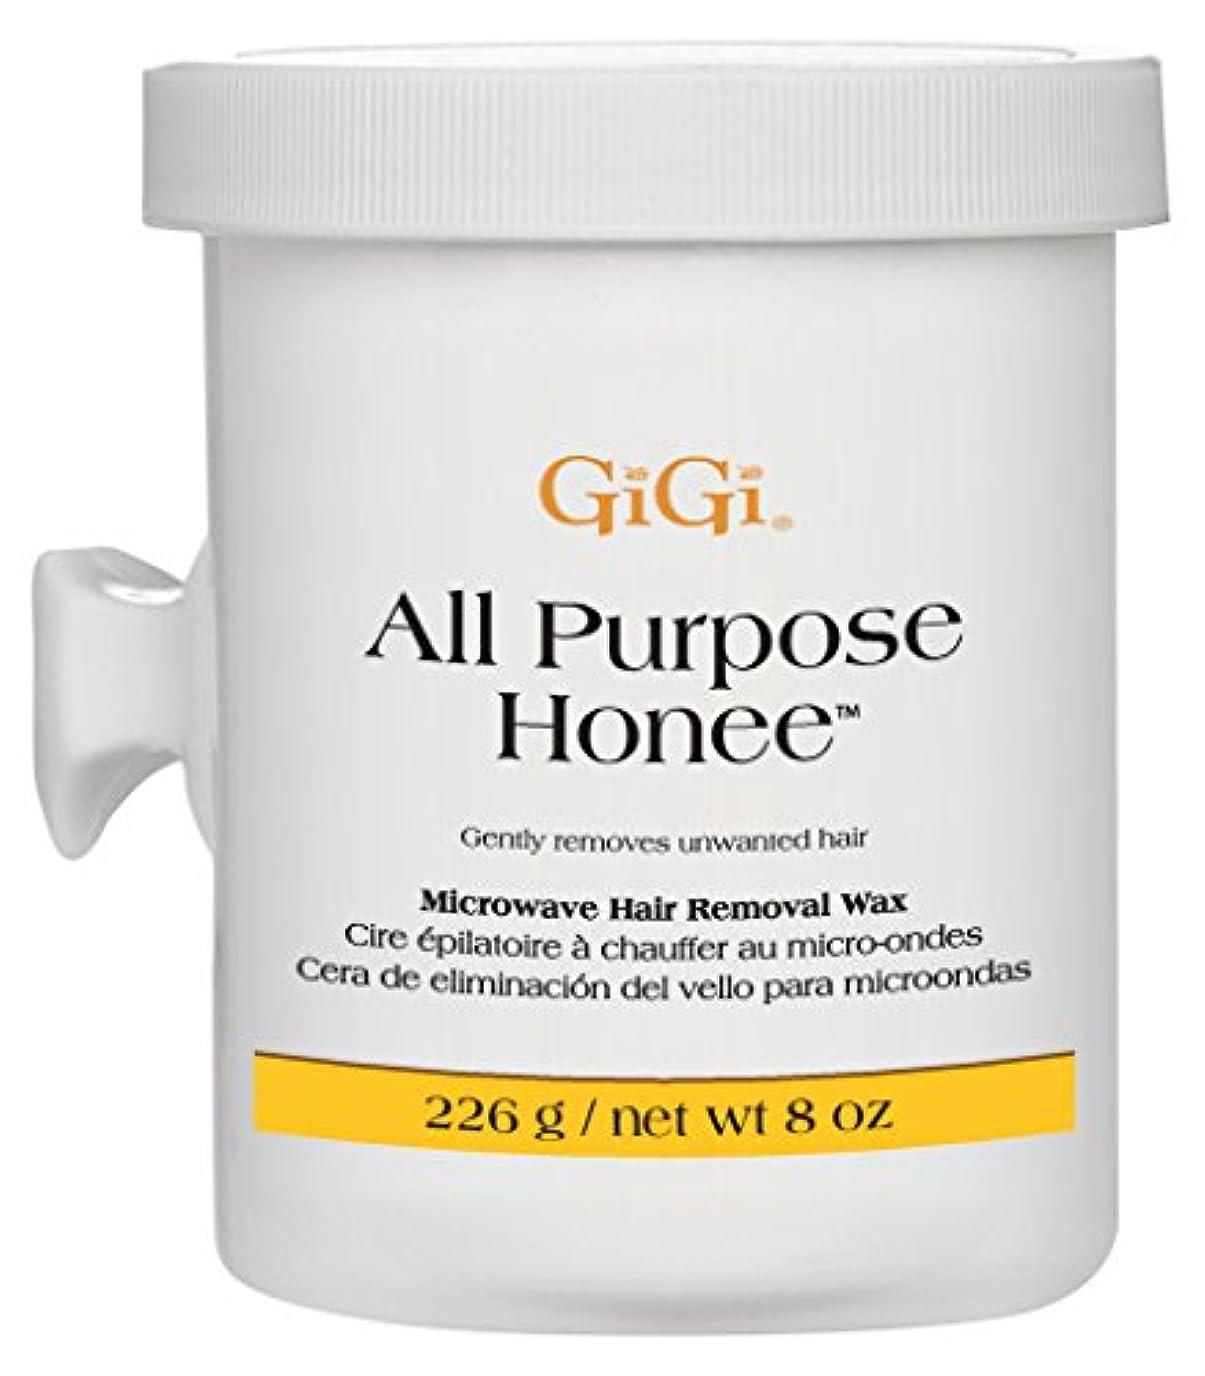 レザーうっかり芸術(3 Pack) GIGI All Purpose Honee Microwave - GG0365 (並行輸入品)